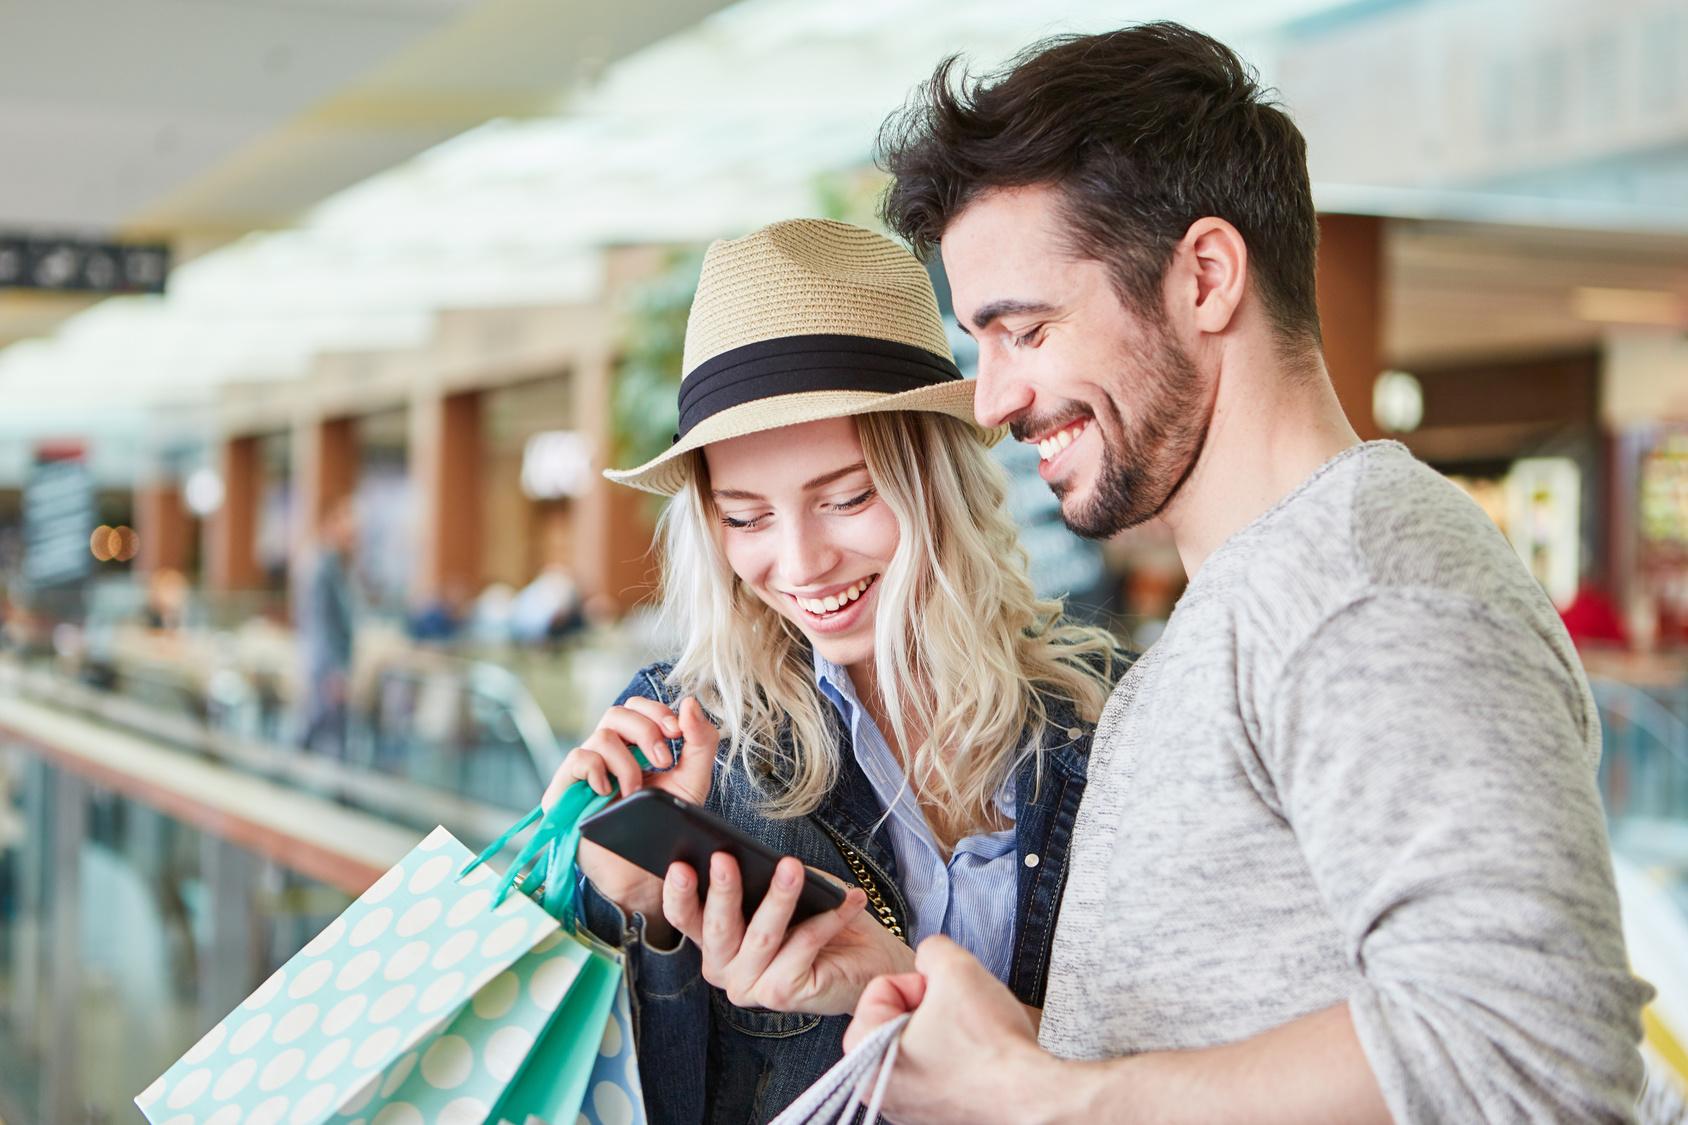 aplikacje zakupowe, Android, zakupy, aplikacje, wymiana walut, Ekantor.pl